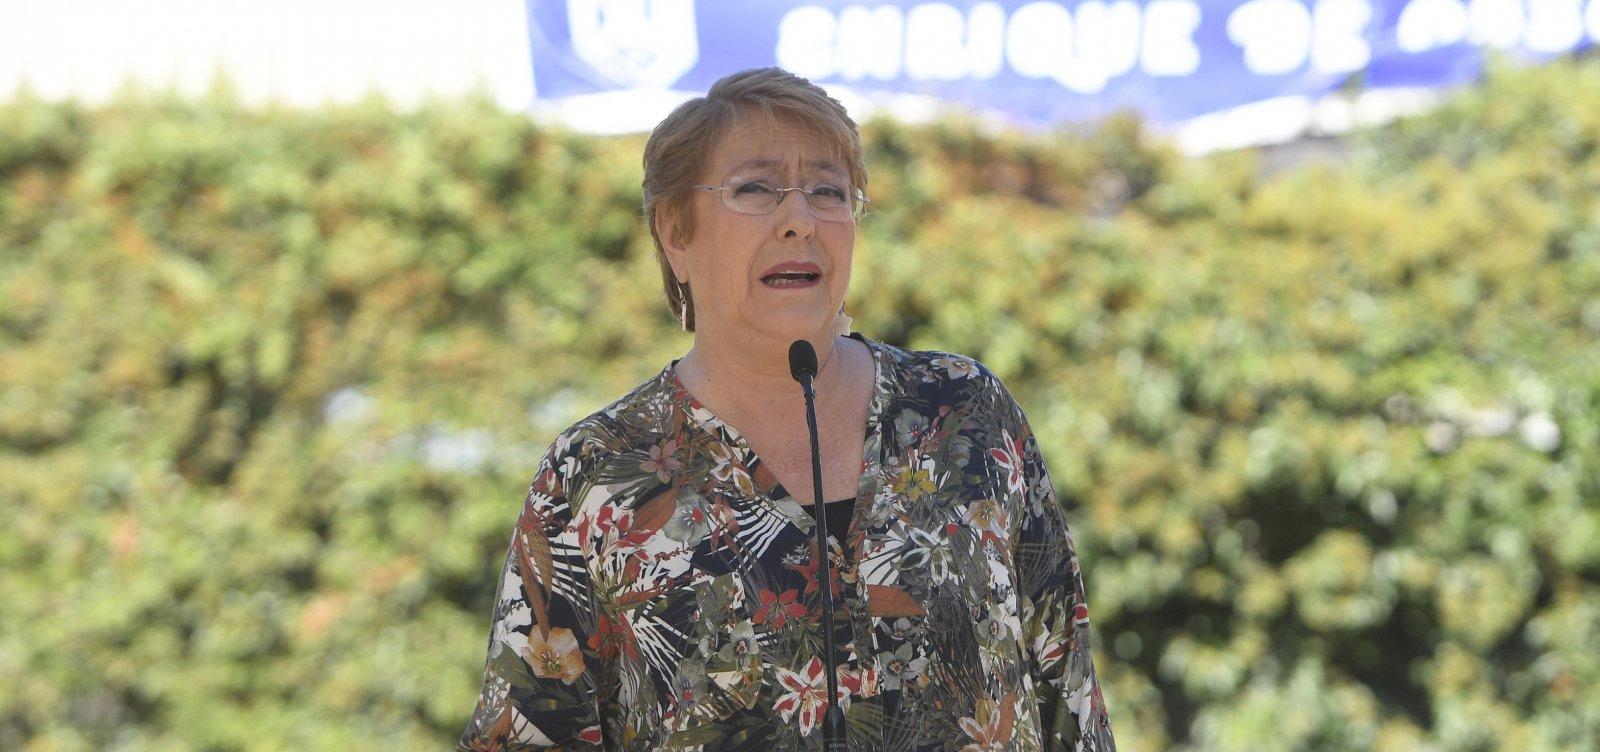 Michelle Bachelet condena uso excessivo da força policial na Bolívia